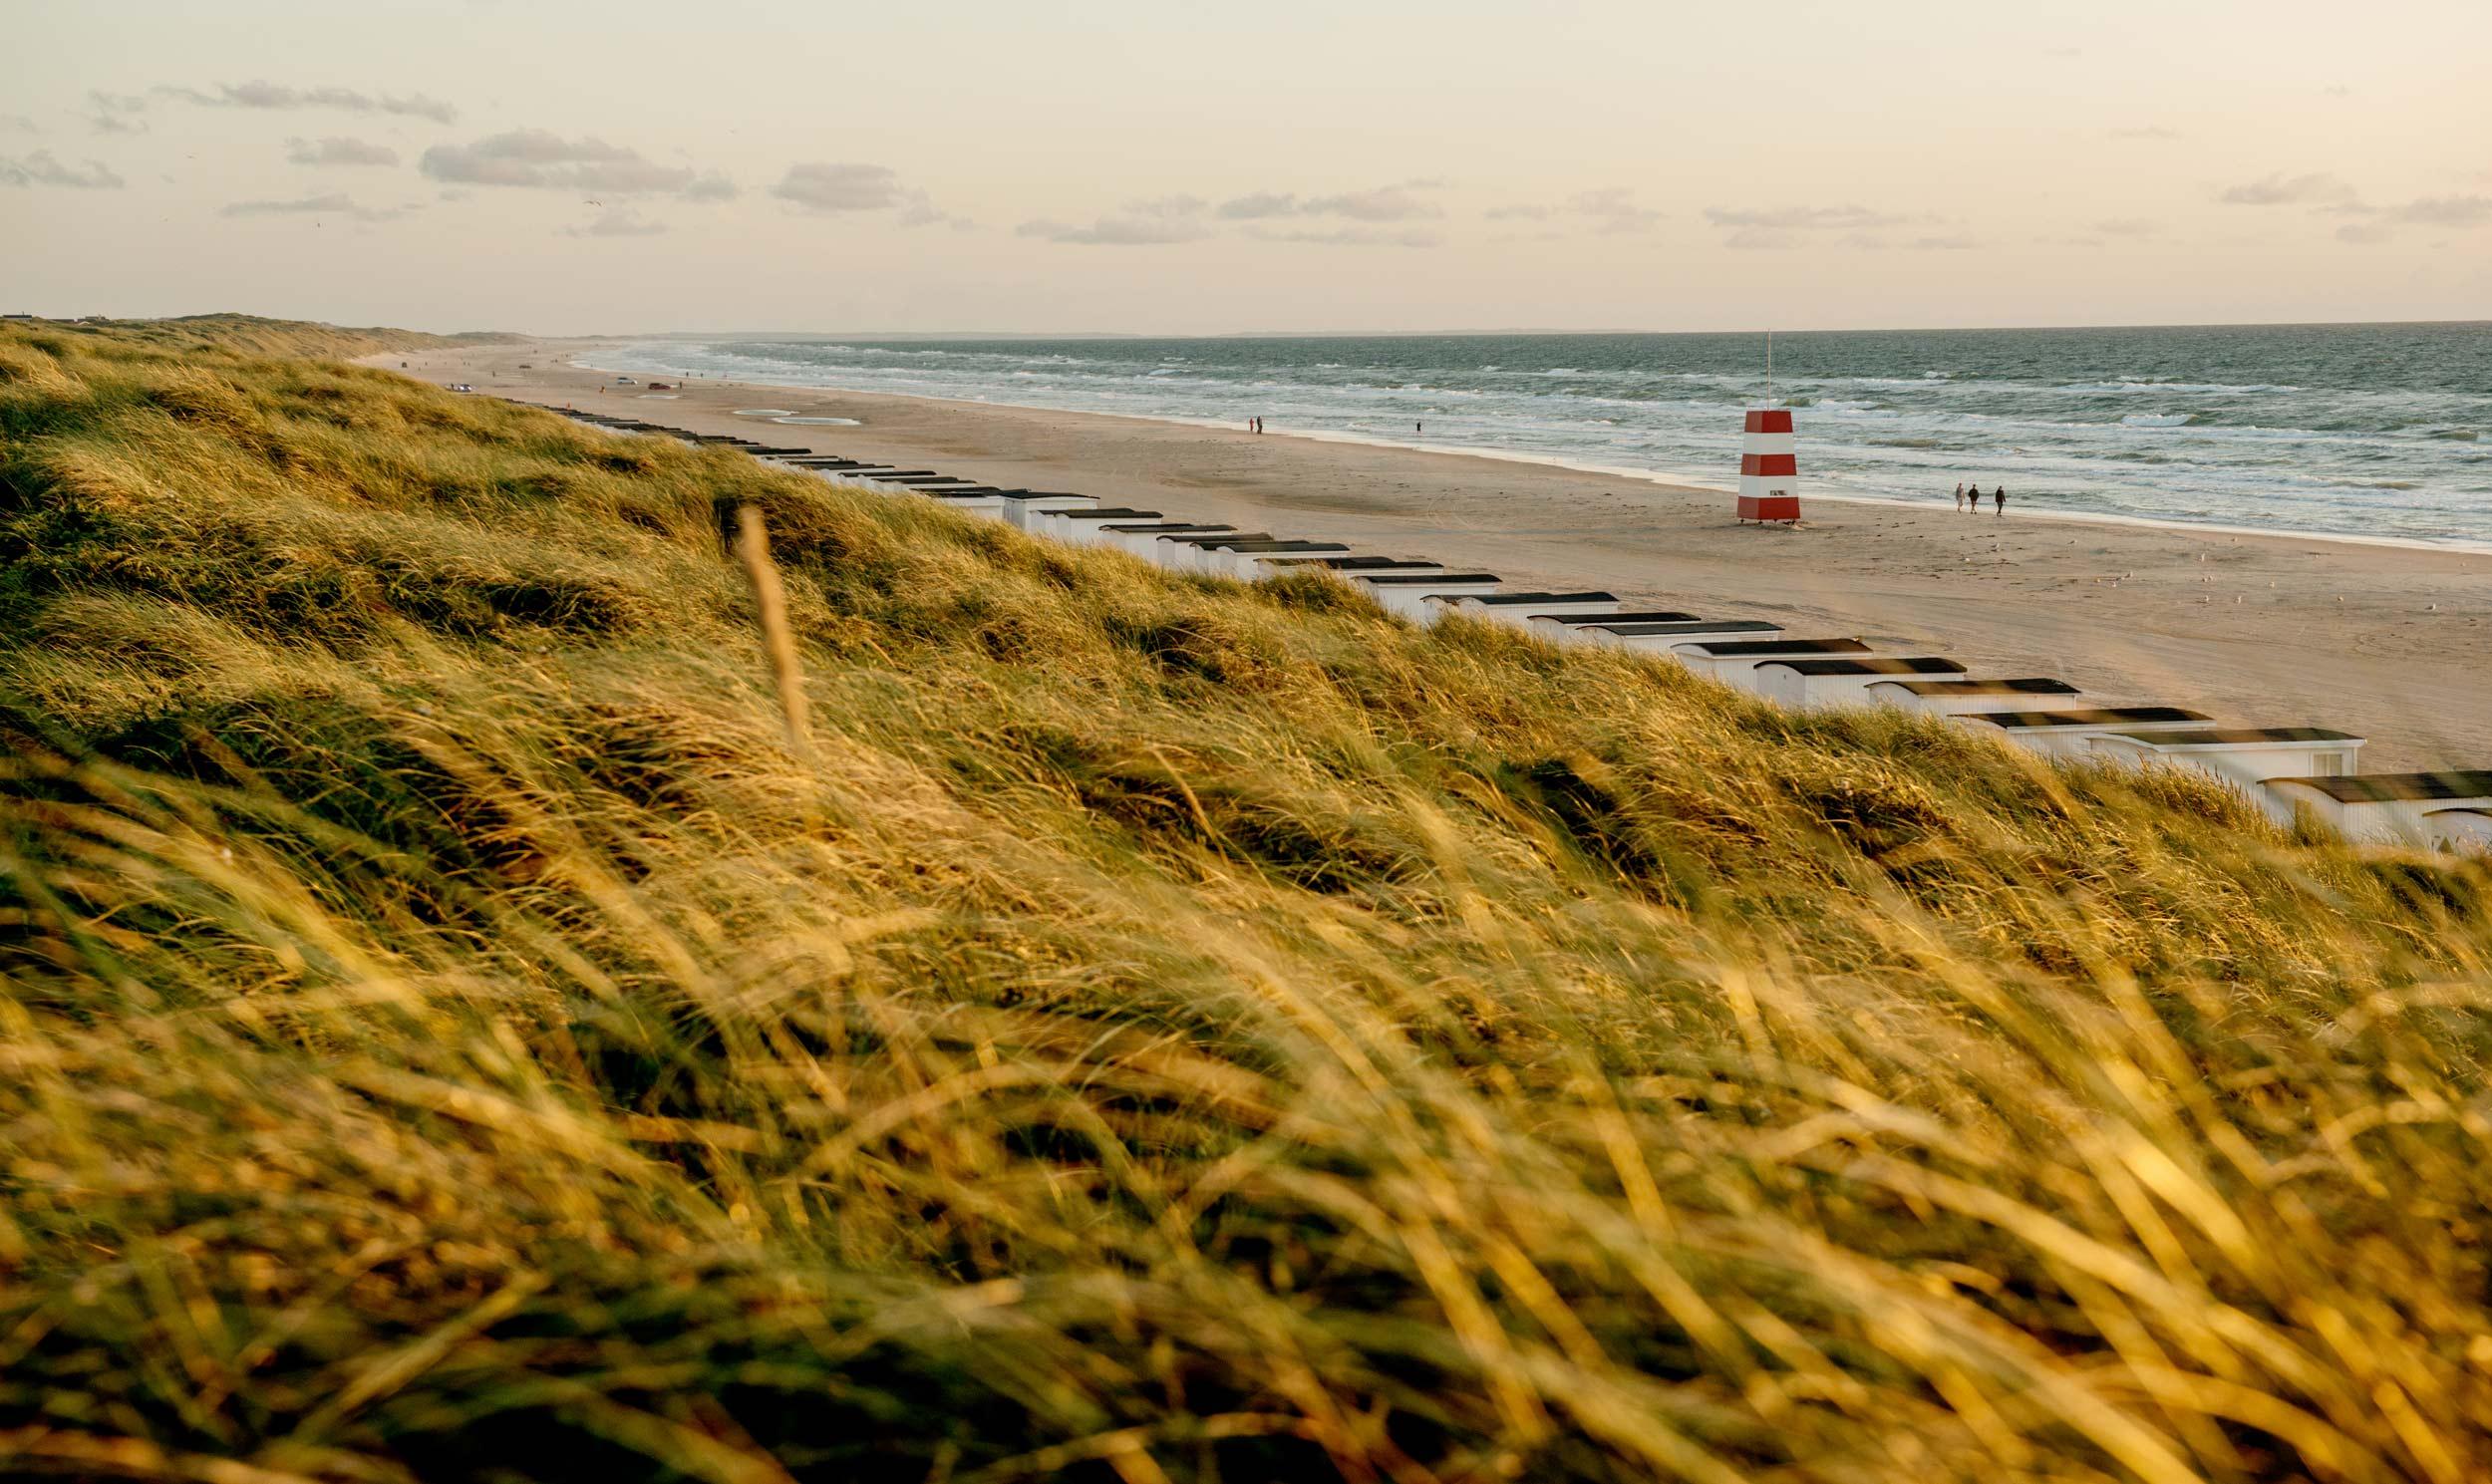 Dänemarks Küste genießen © Mette Johnsen